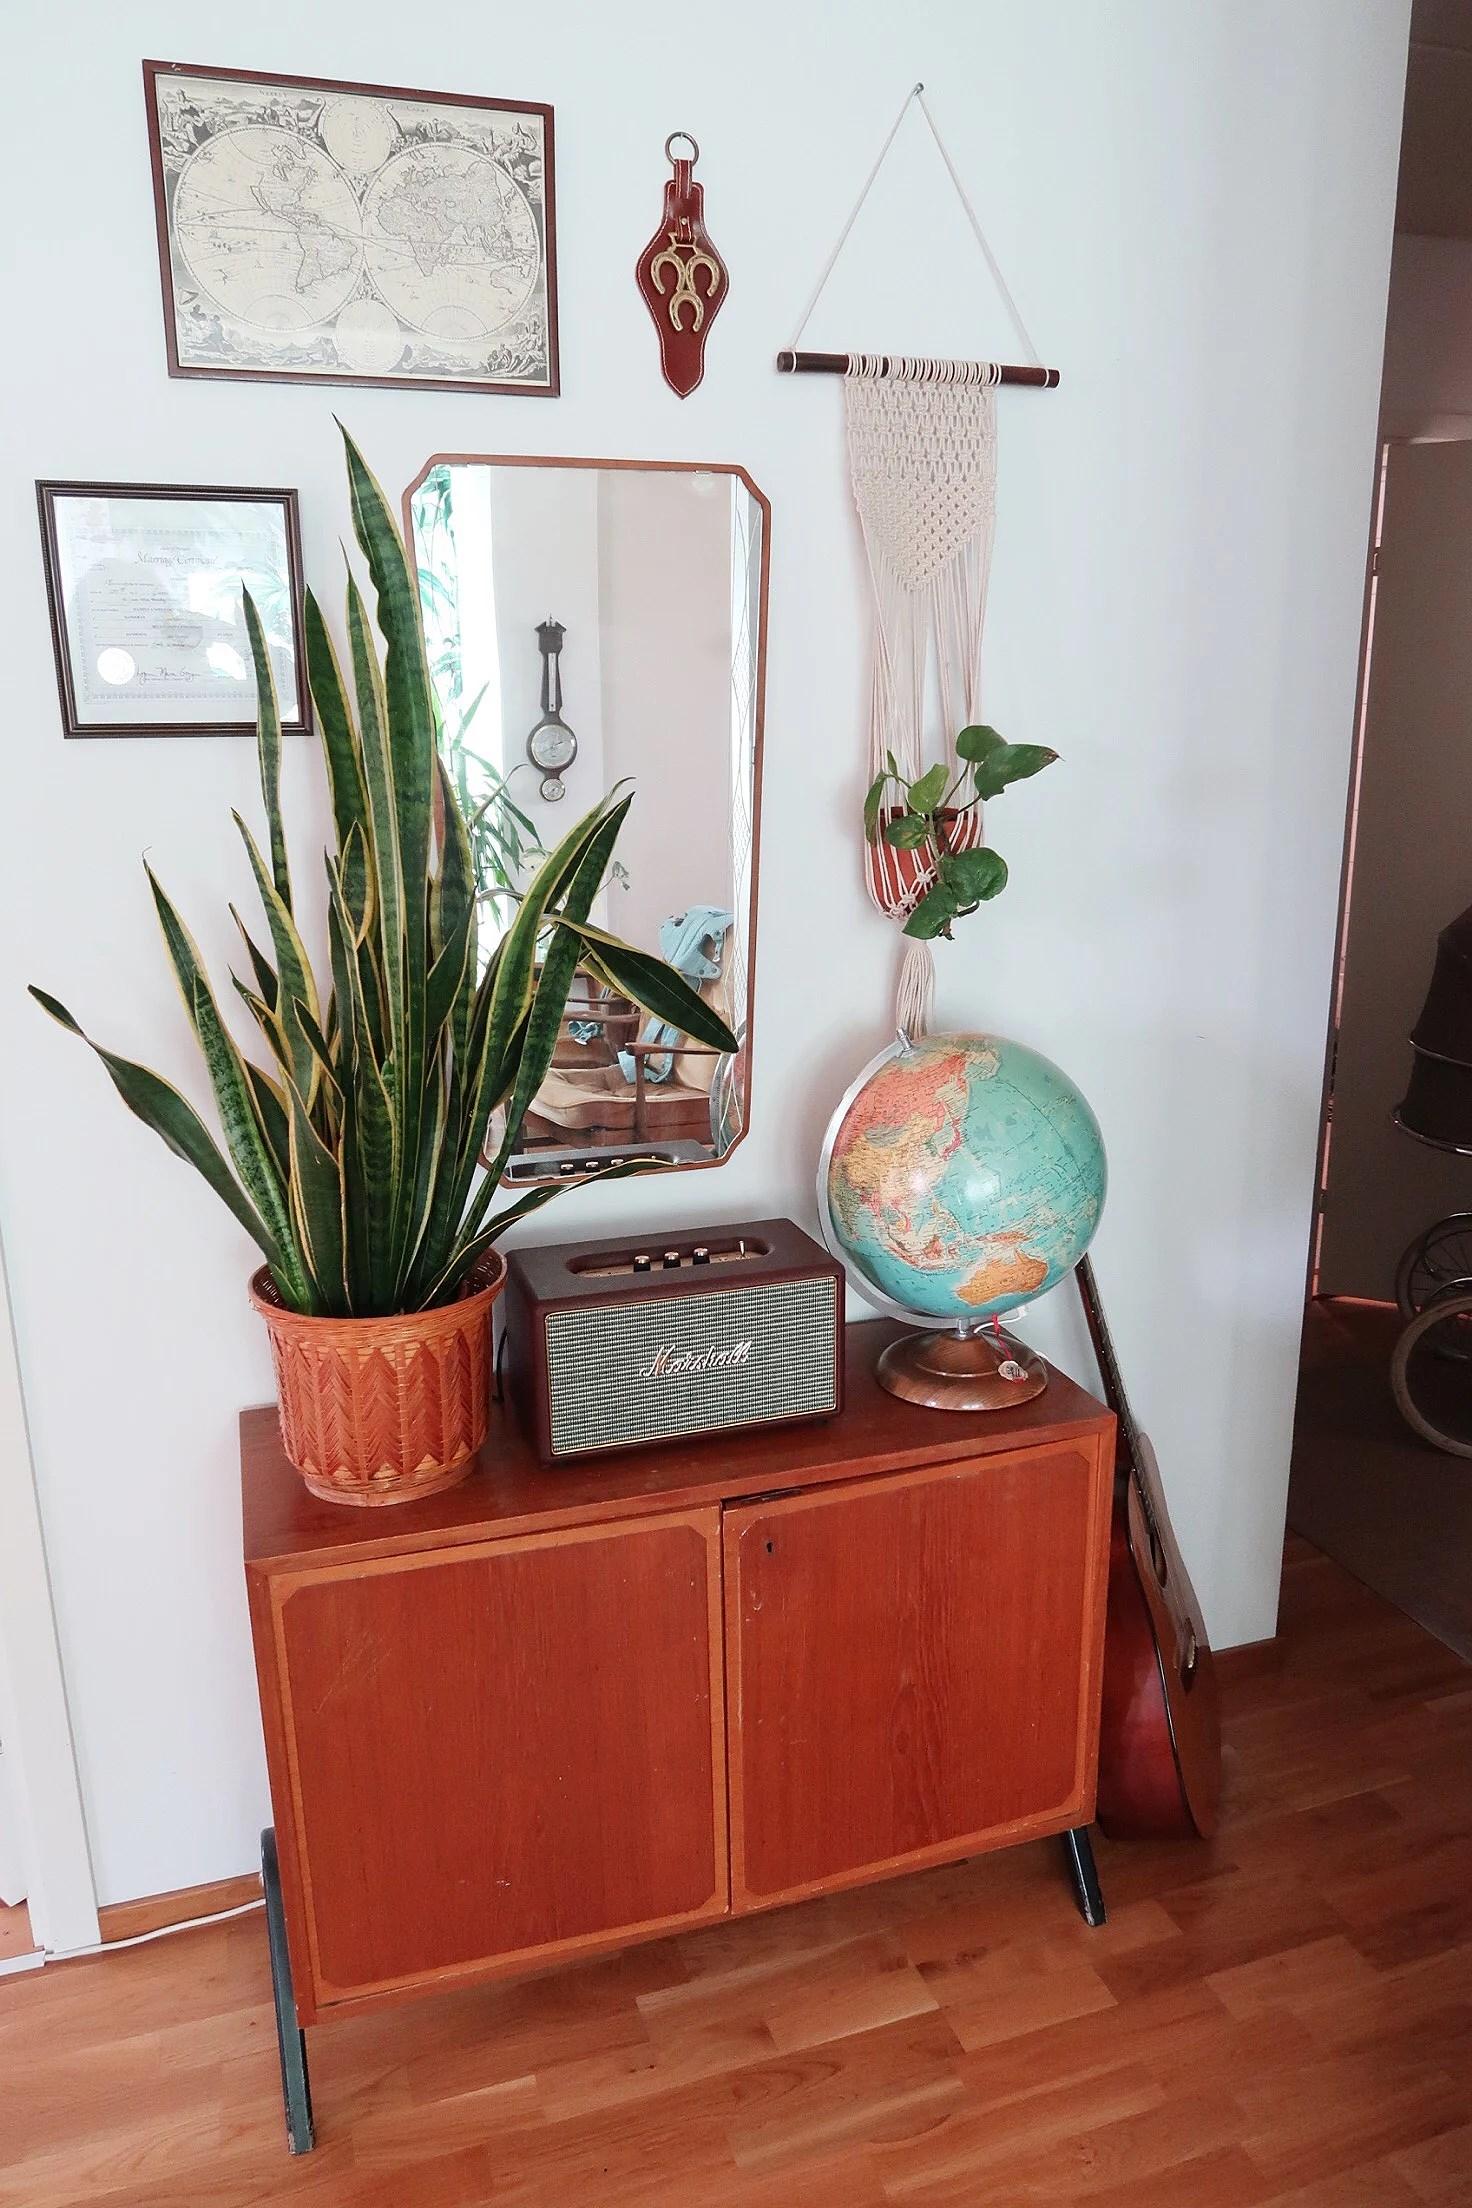 Nu ska jag börja lyssna på musik igen!